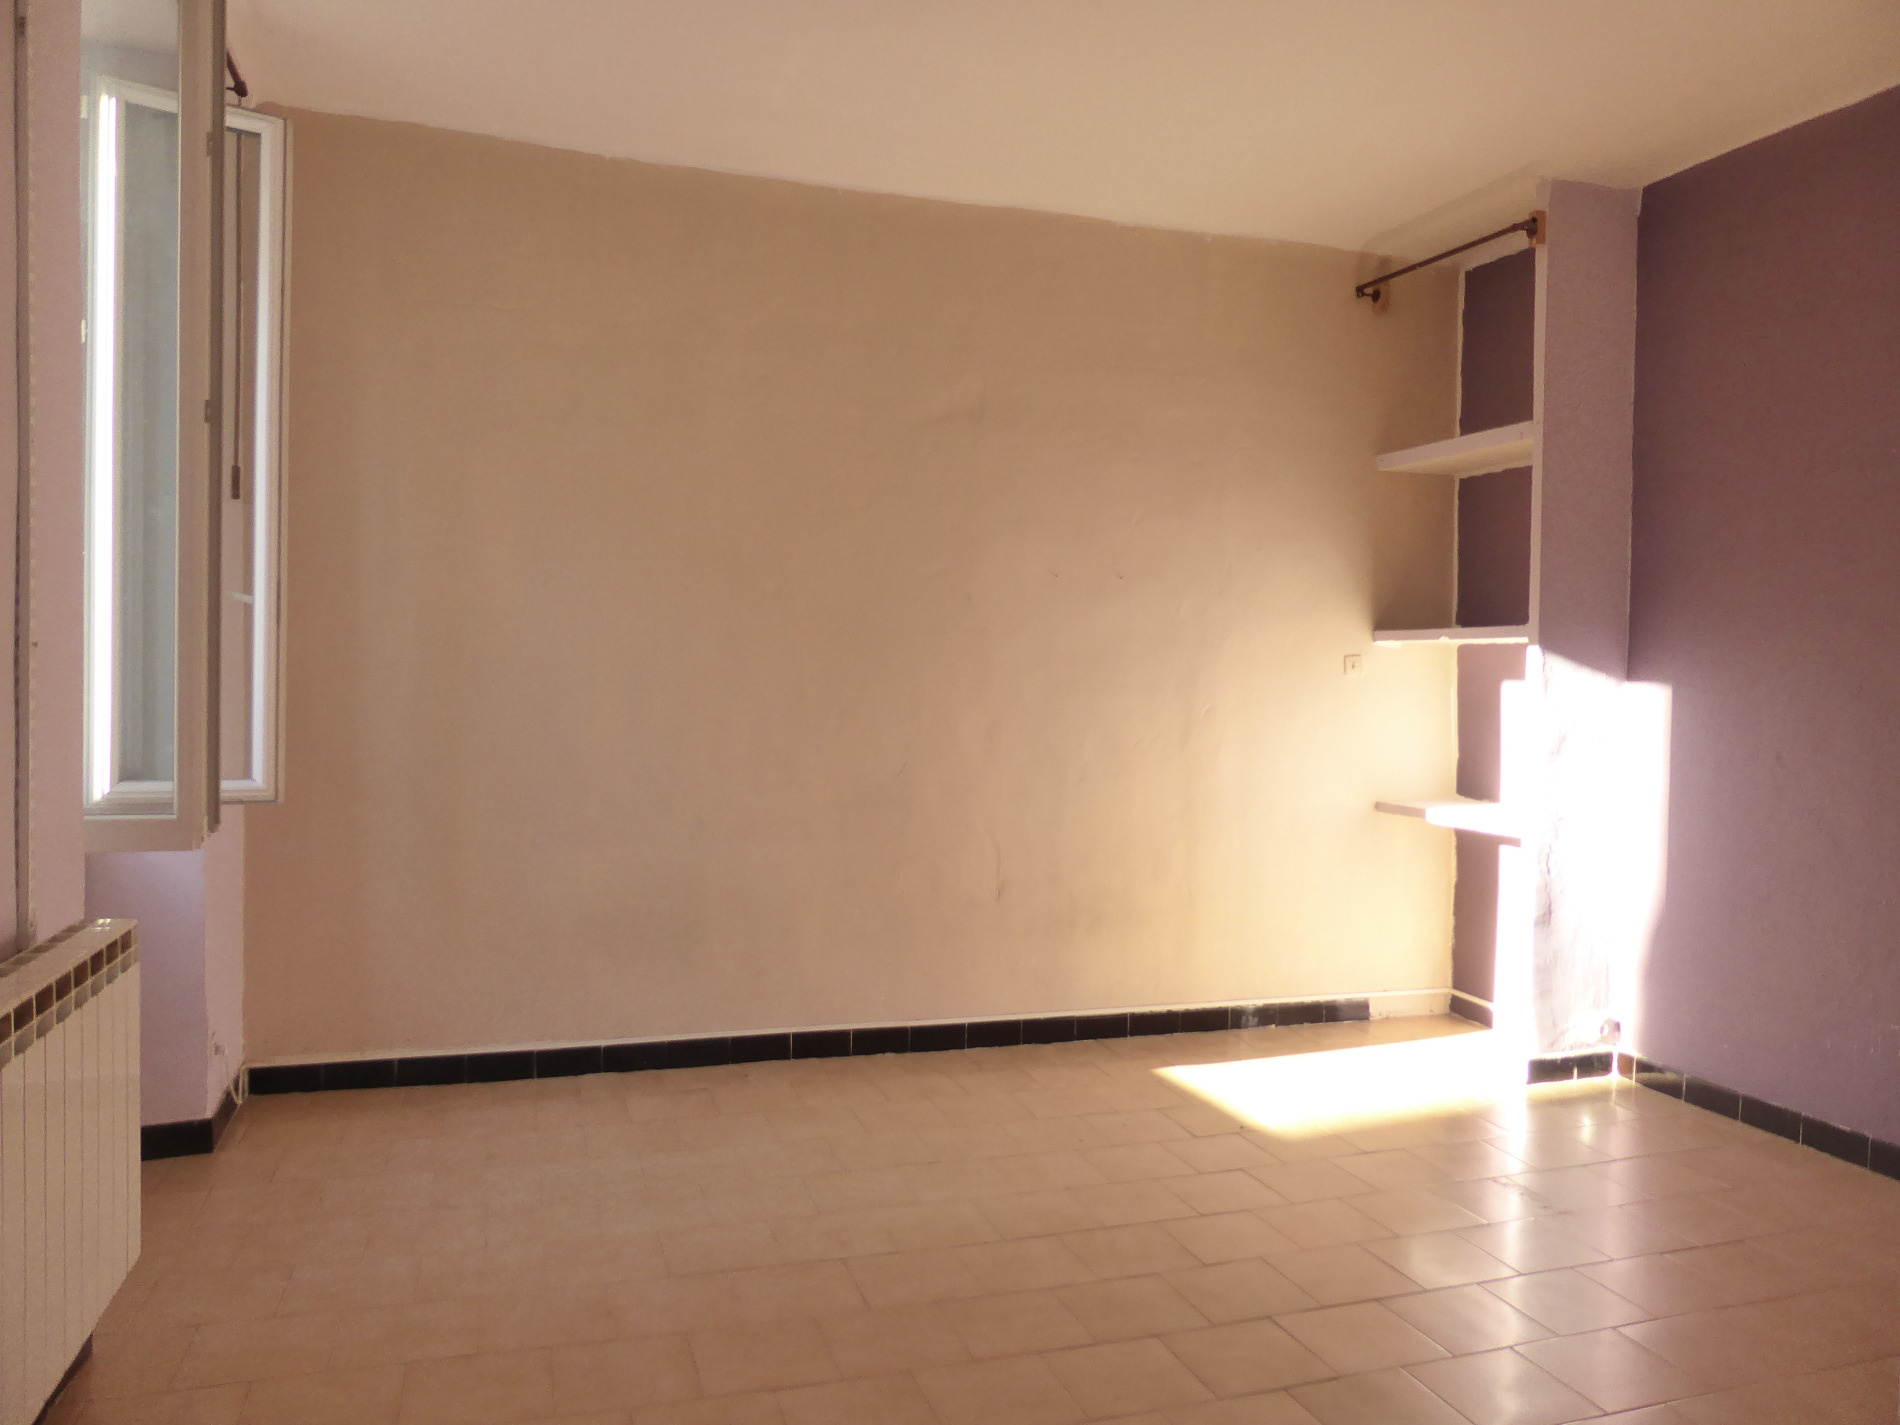 Annonce Vente Appartement Marseille 4 31 M 65 000 992738994487